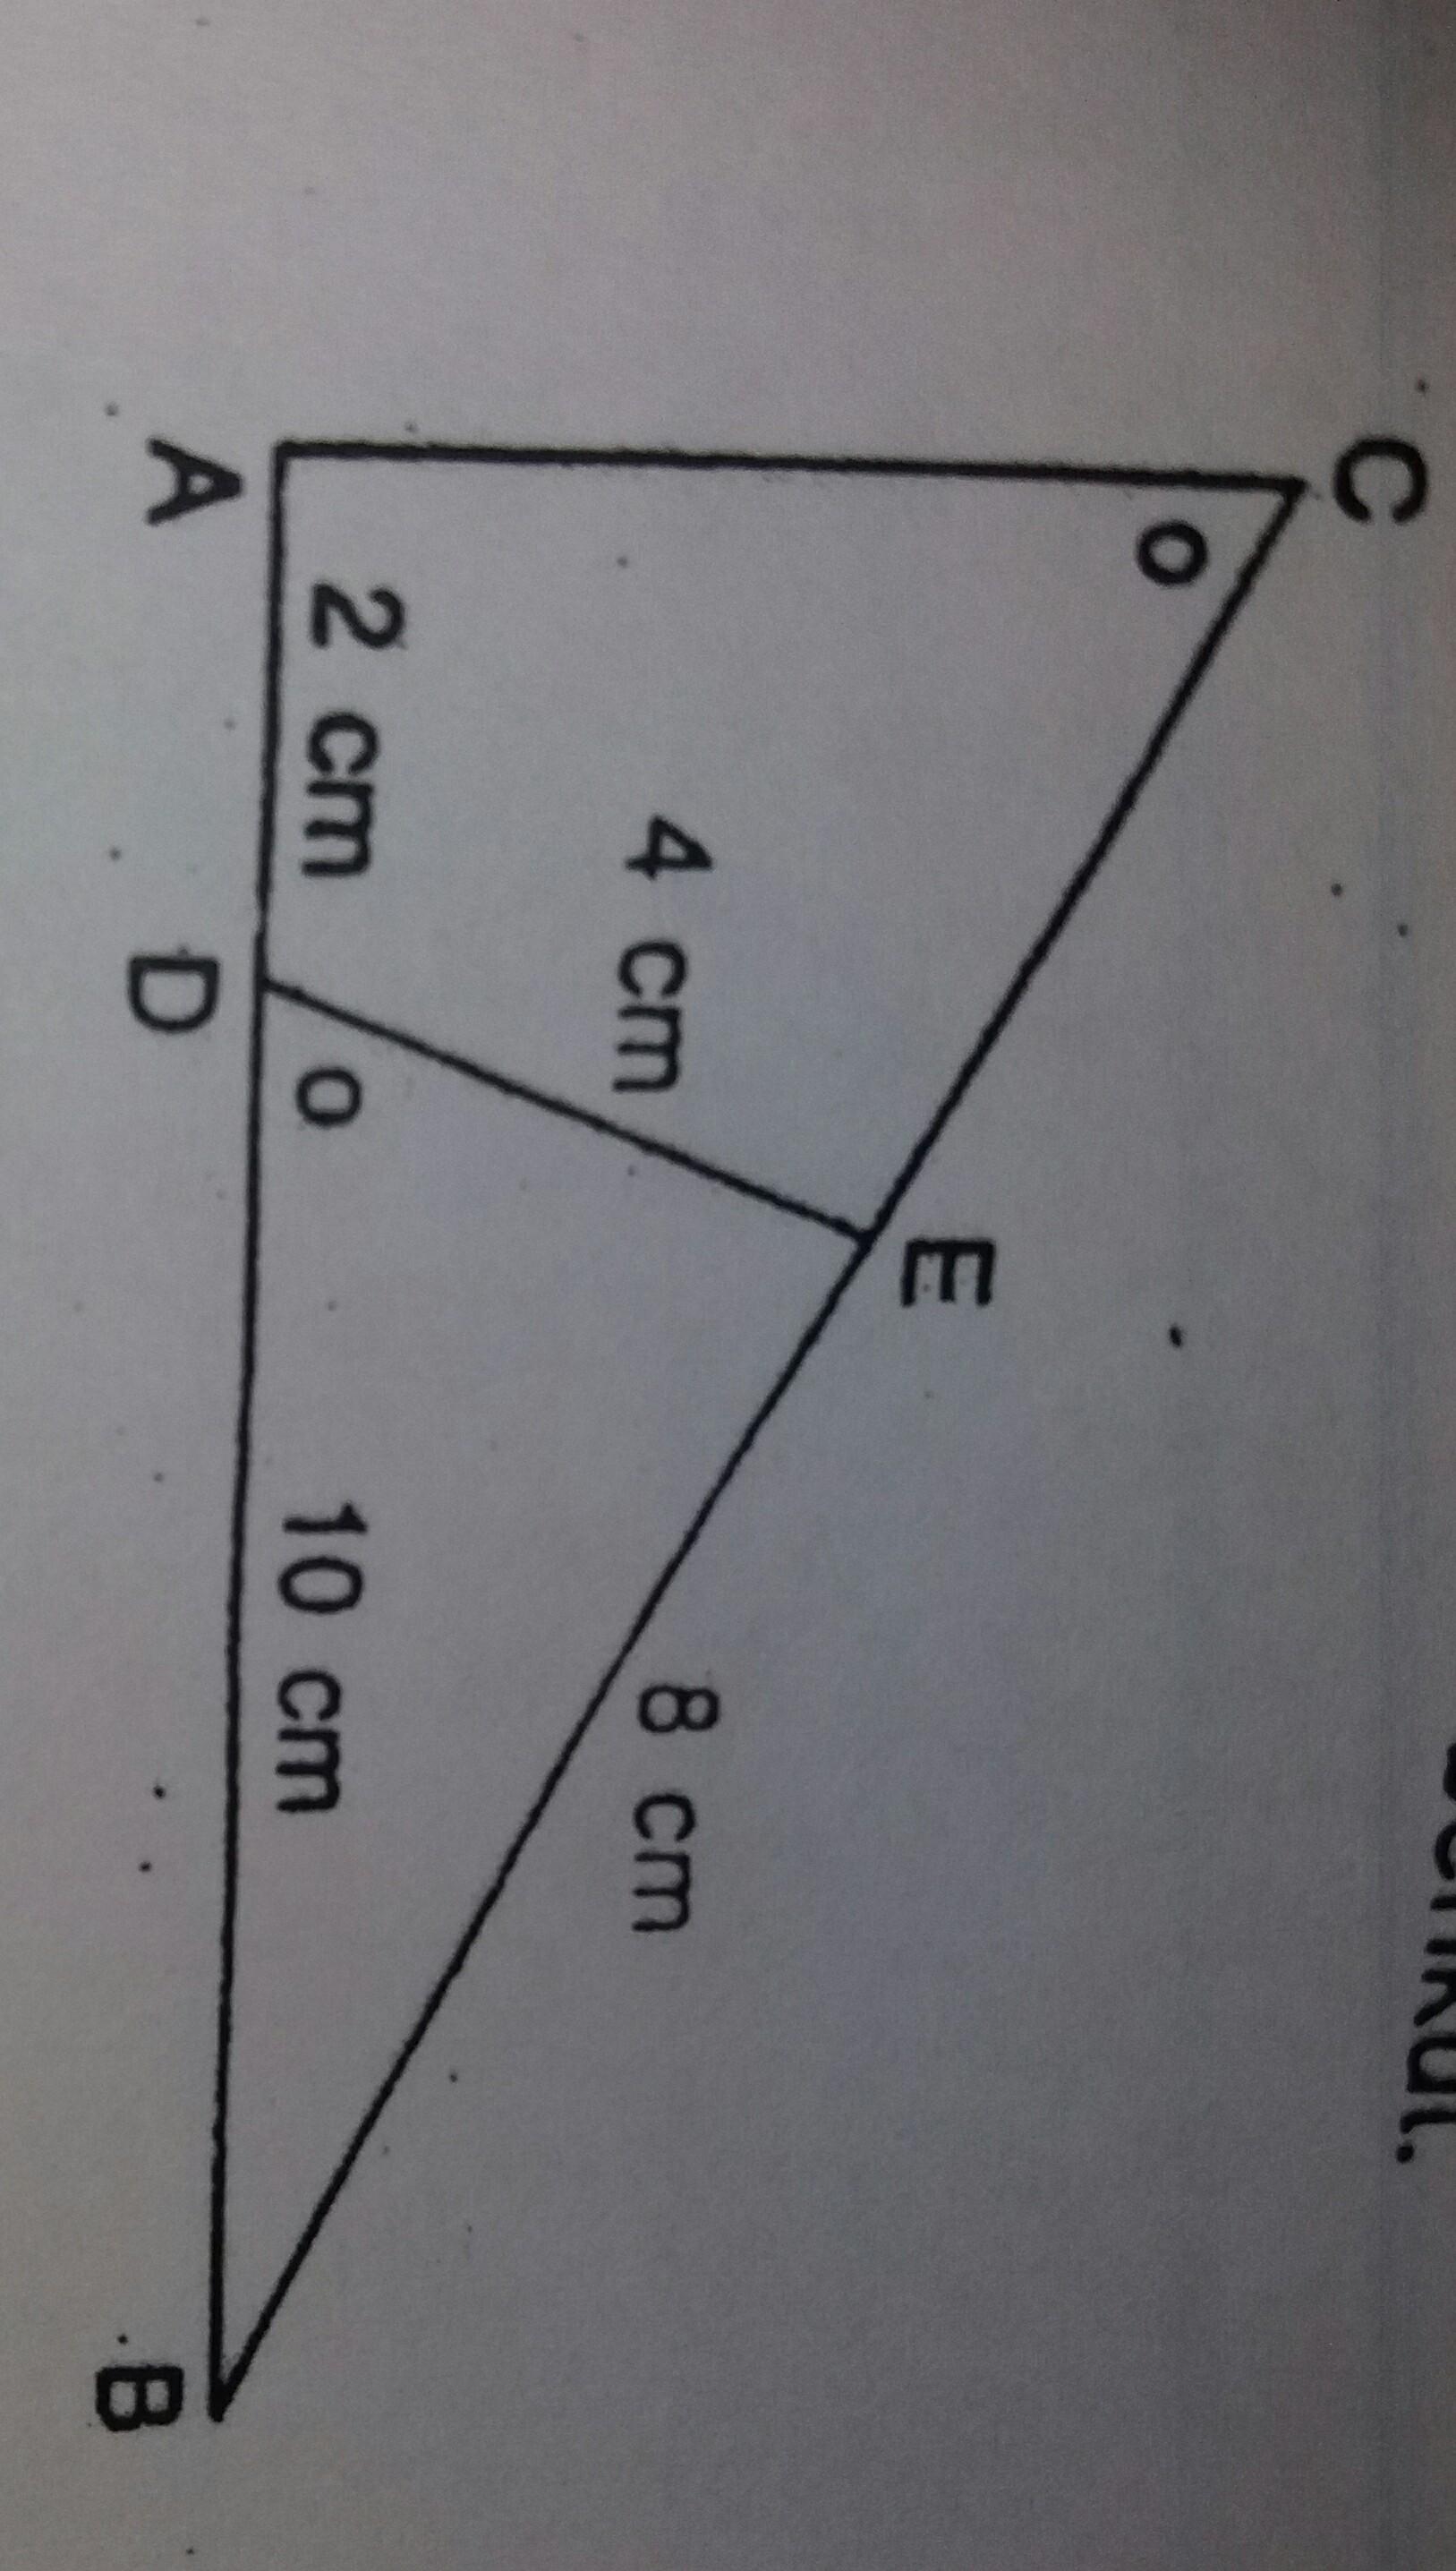 perhatikan gambar berikut. panjang sisi AC adalah ...